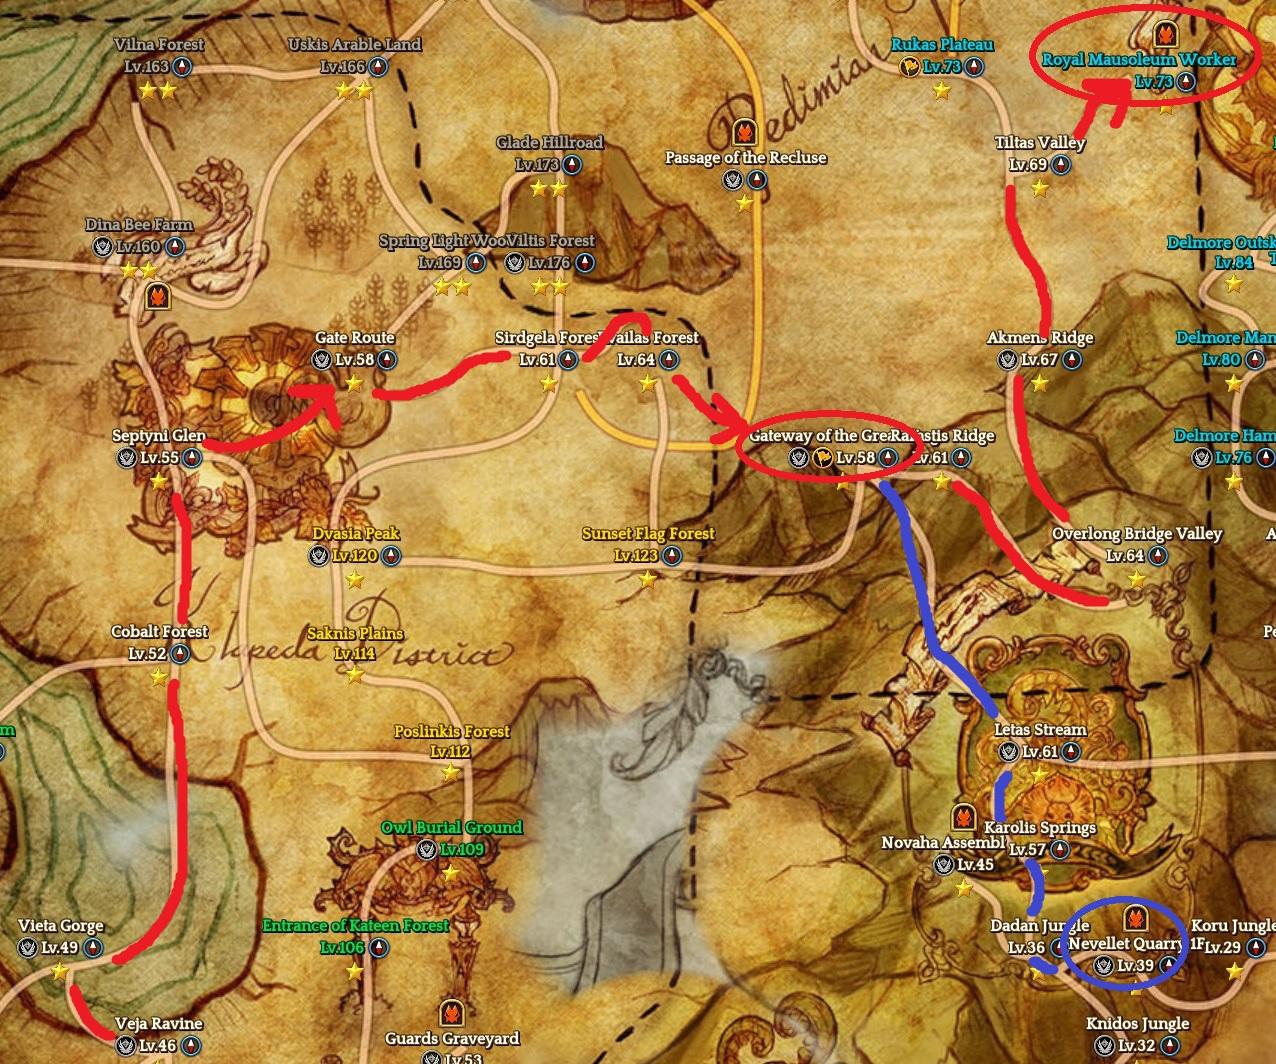 Steam community guide guia para novatos leveling obs voc ser teleportado de kvailas forest at gateway of the great king atravs de uma quest no h conexo fsica entre os mapas fandeluxe Images